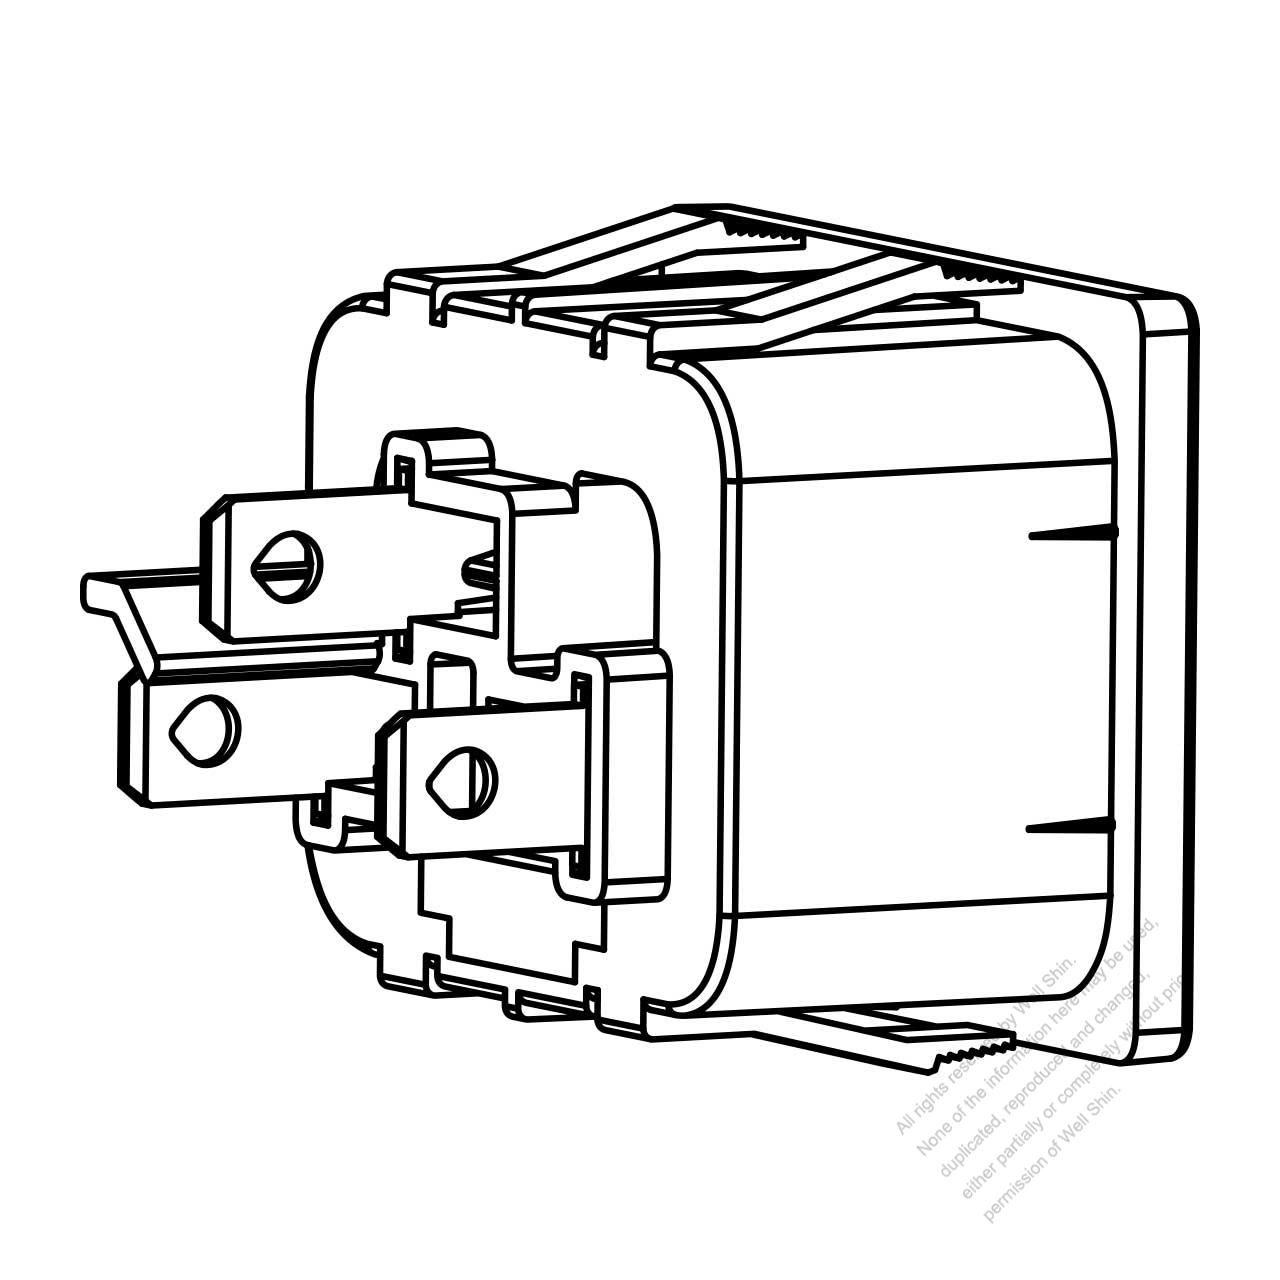 Ac Socket Iec 60320-2 Sheet J Appliance Outlet 16a  20a 250v